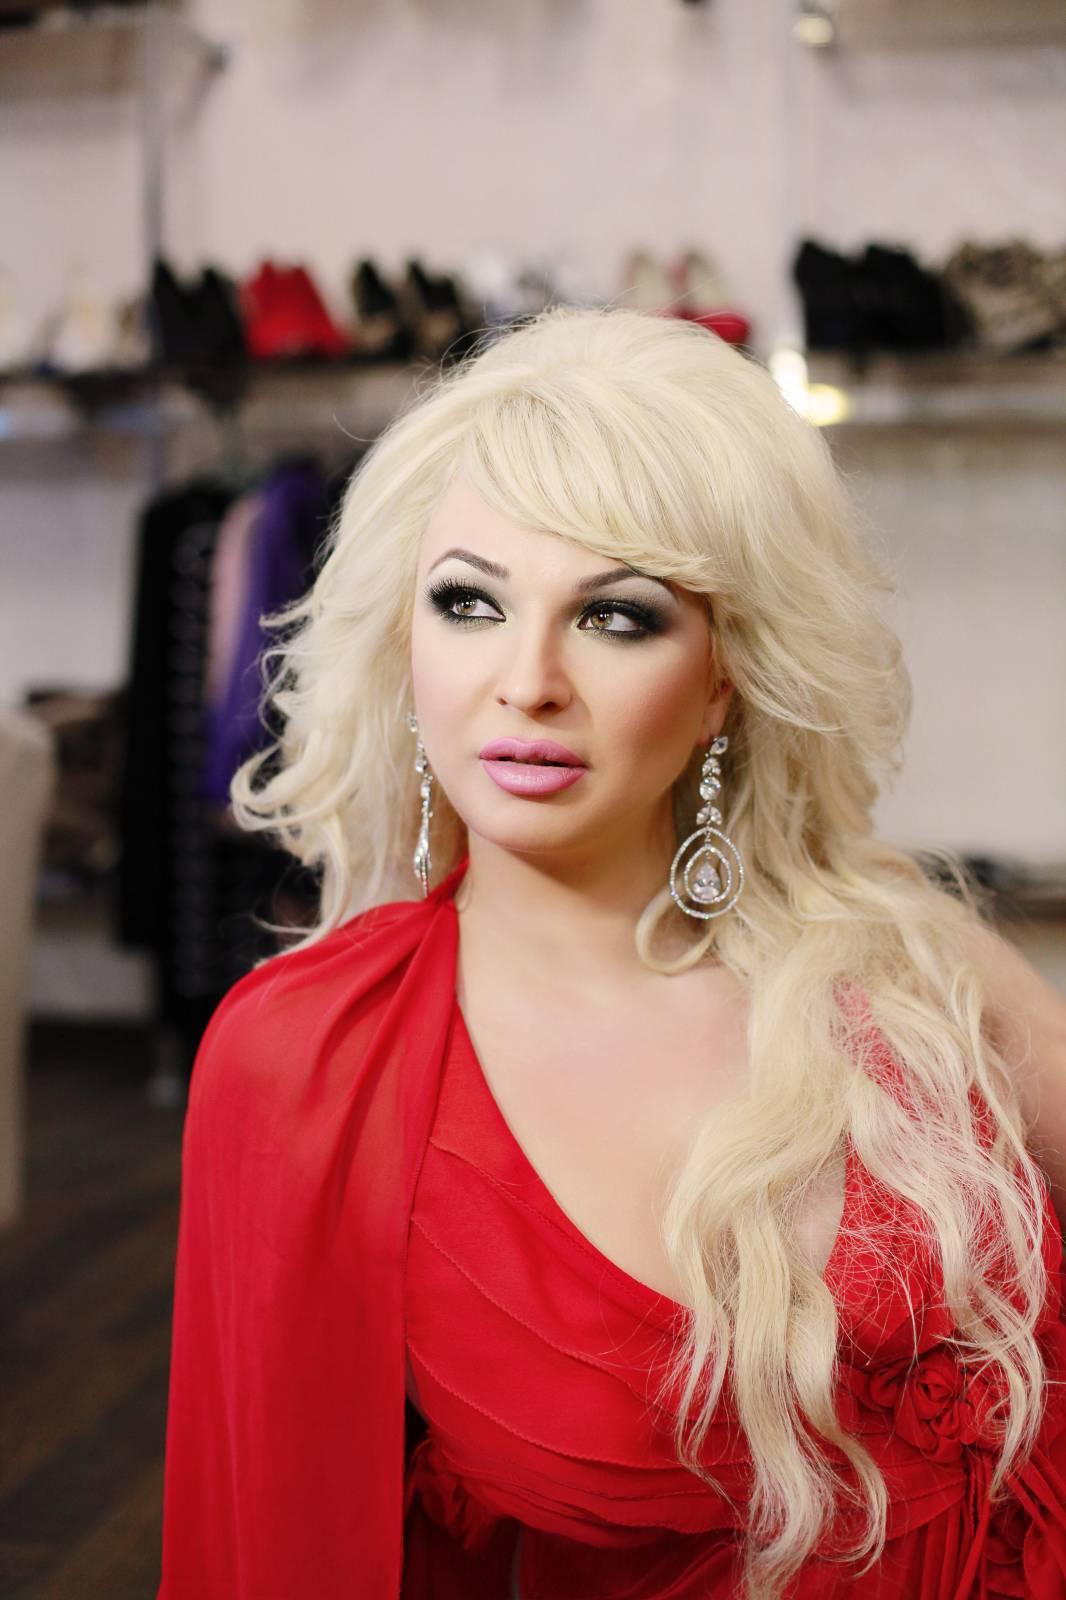 Дагестанская исполнительница Сабина Абдуллаева готовит концертную программу ко Дню влюбленных